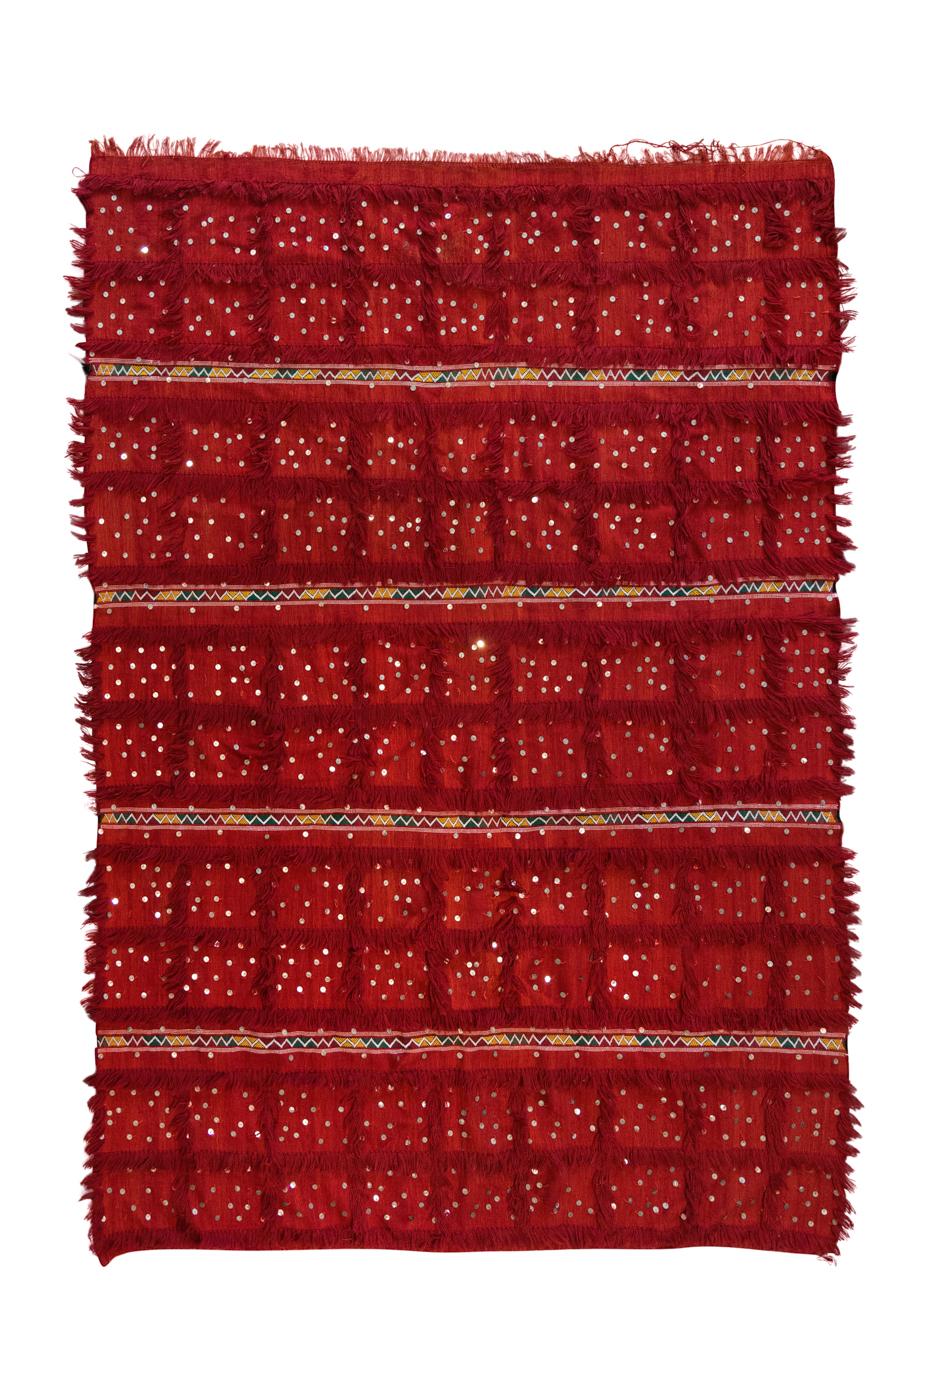 Tapete Marroquí lana y lentejuelas